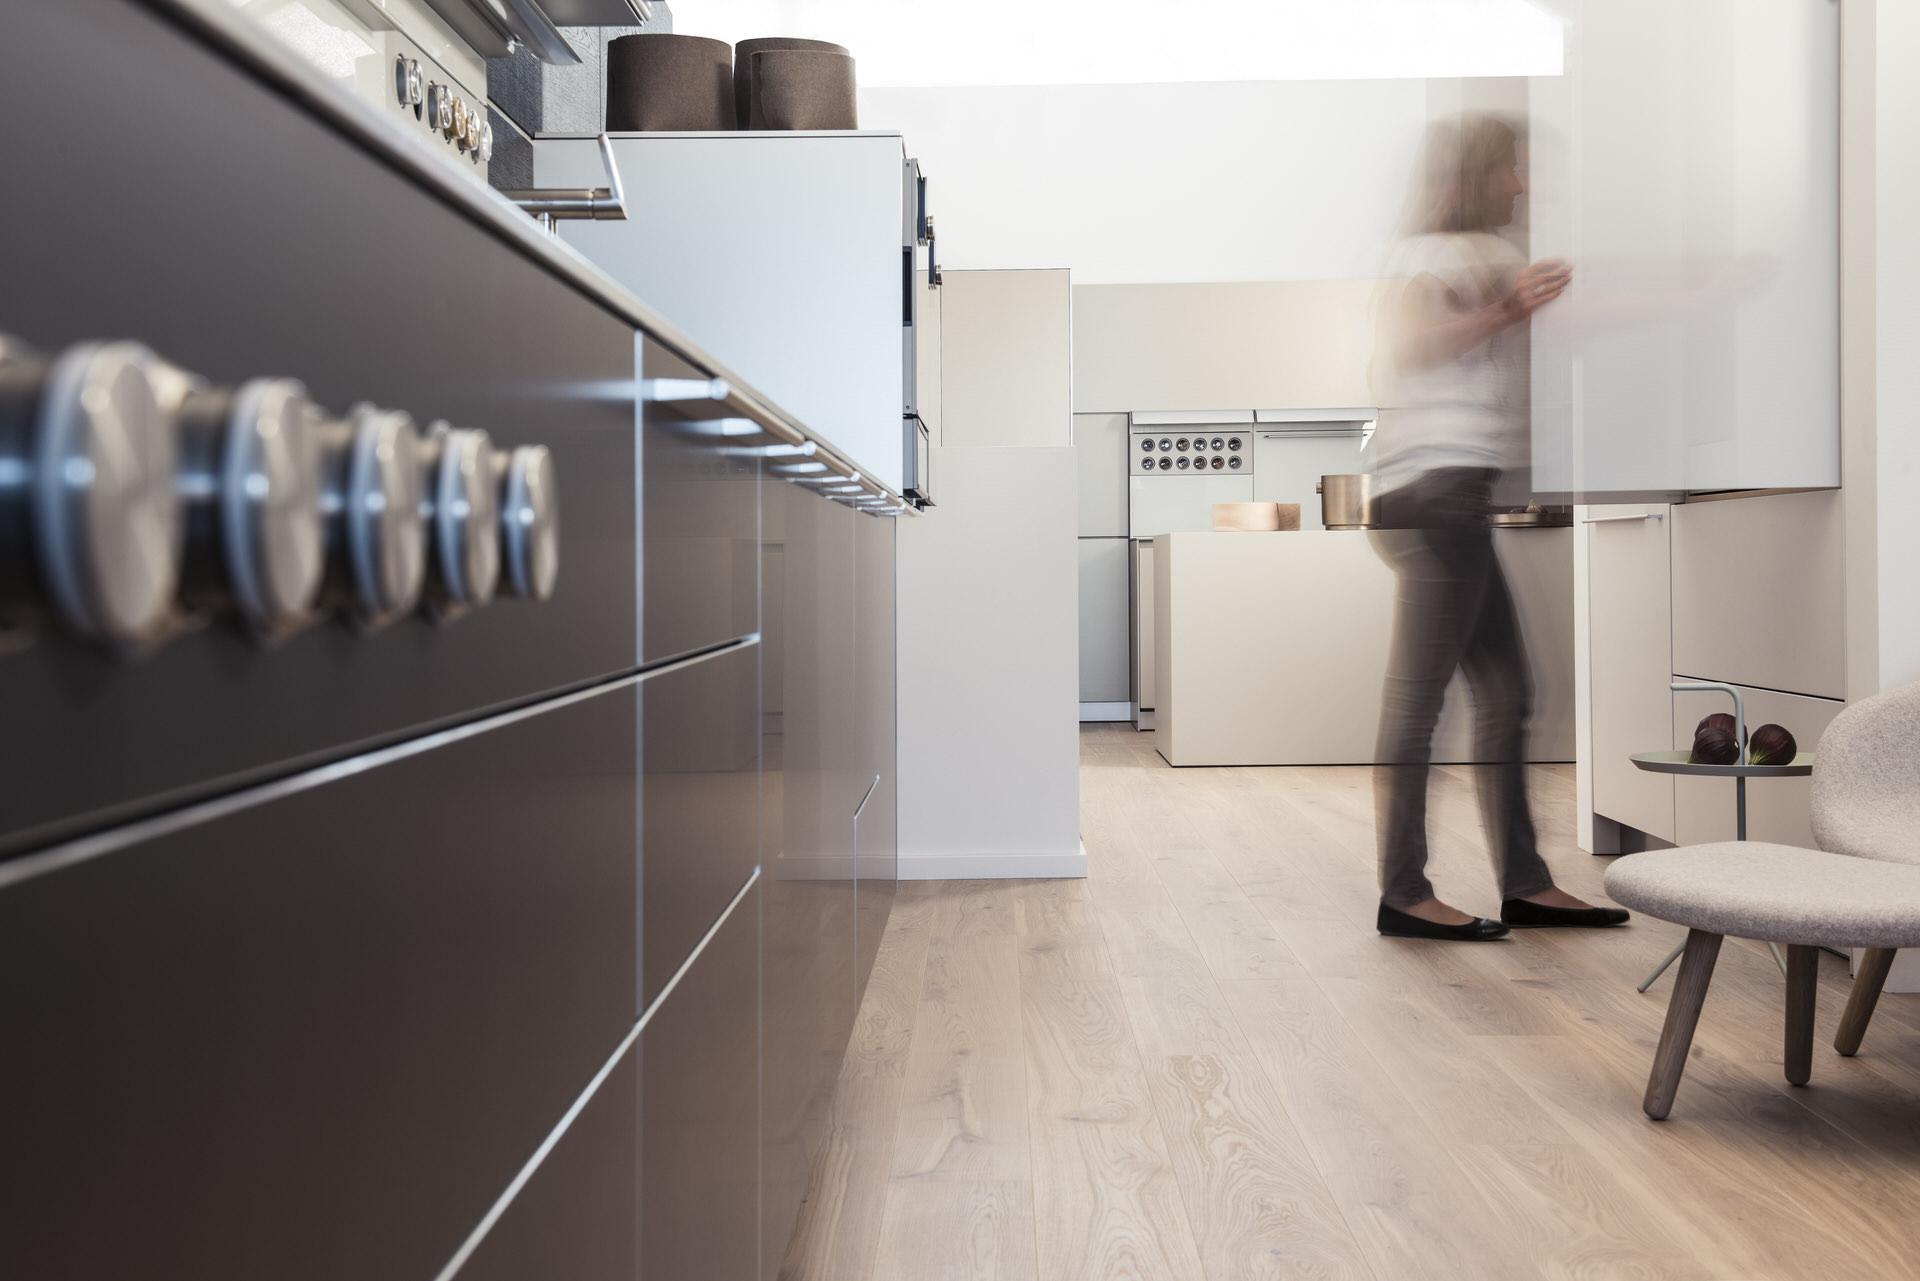 bulthaup n rnberg k chen ausstellung bei veigl k chenstudio. Black Bedroom Furniture Sets. Home Design Ideas